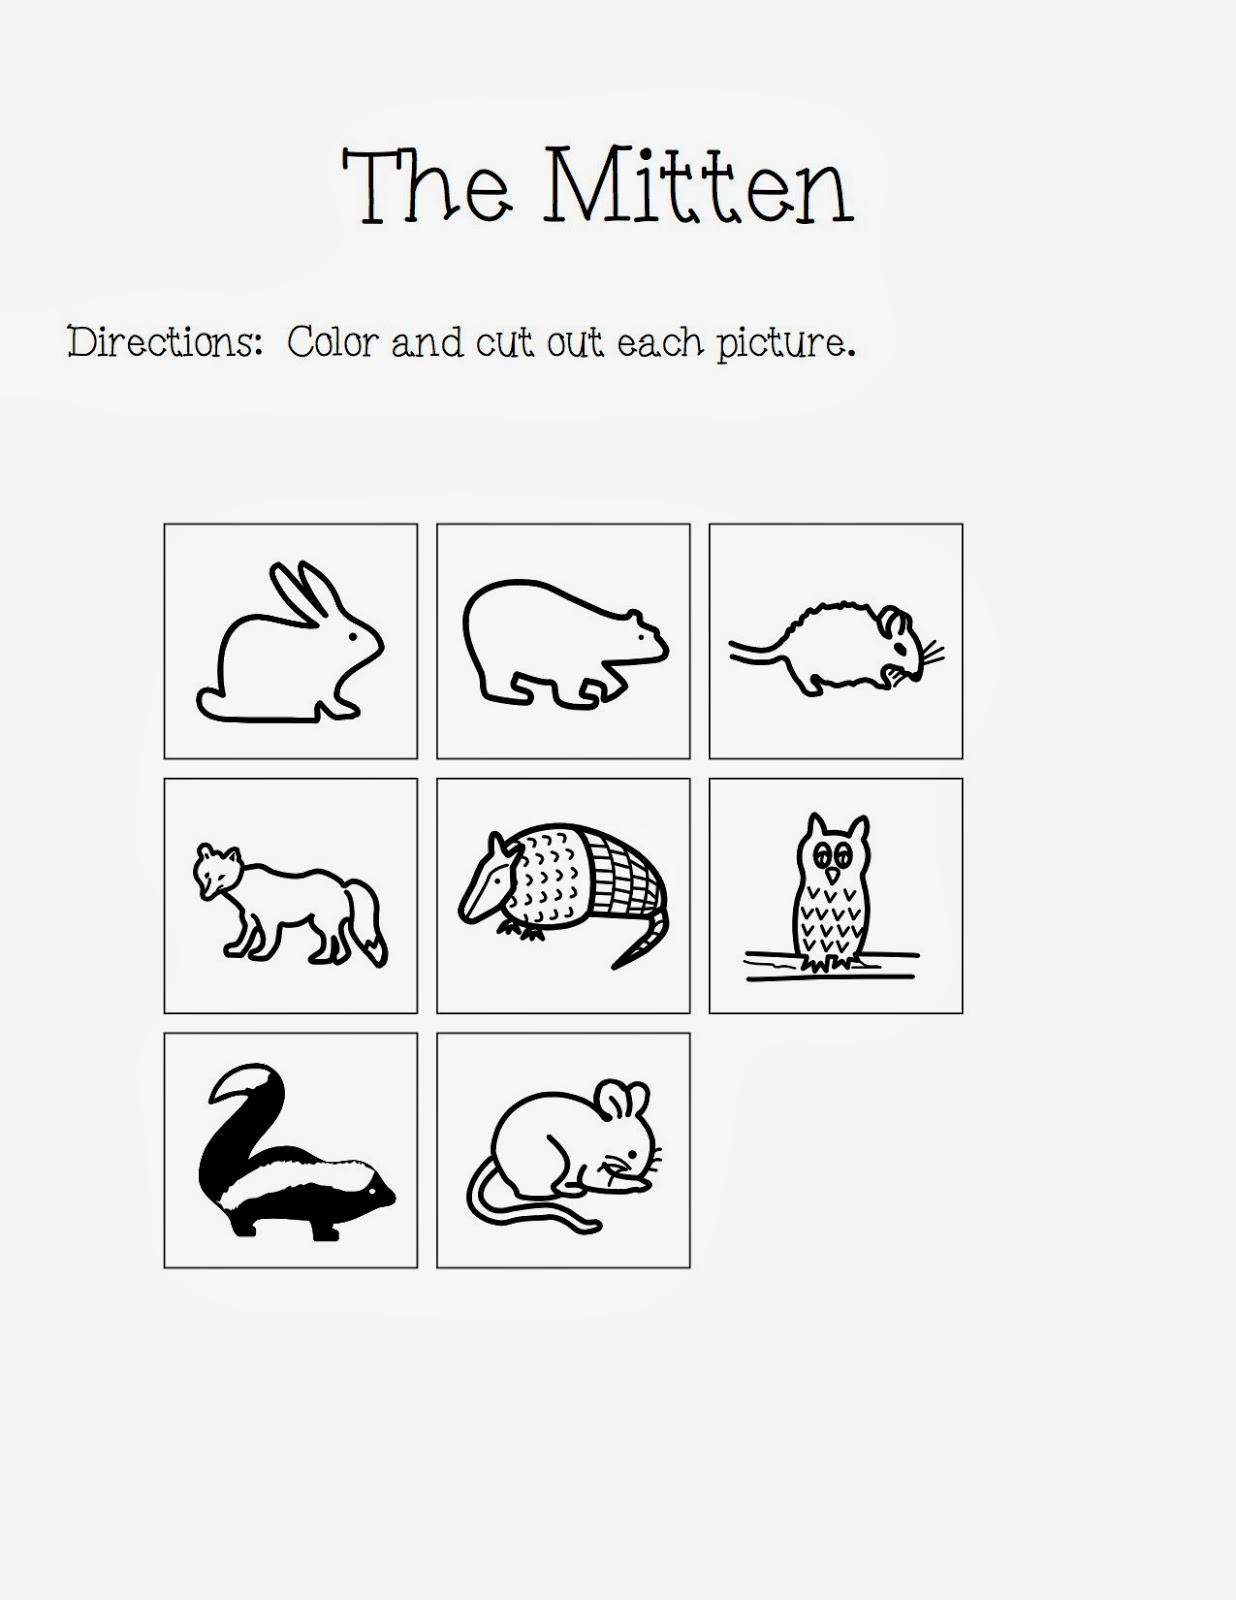 """The Mitten"""" By Jan Brett Activities! - The Autism Adventures of Room ..."""